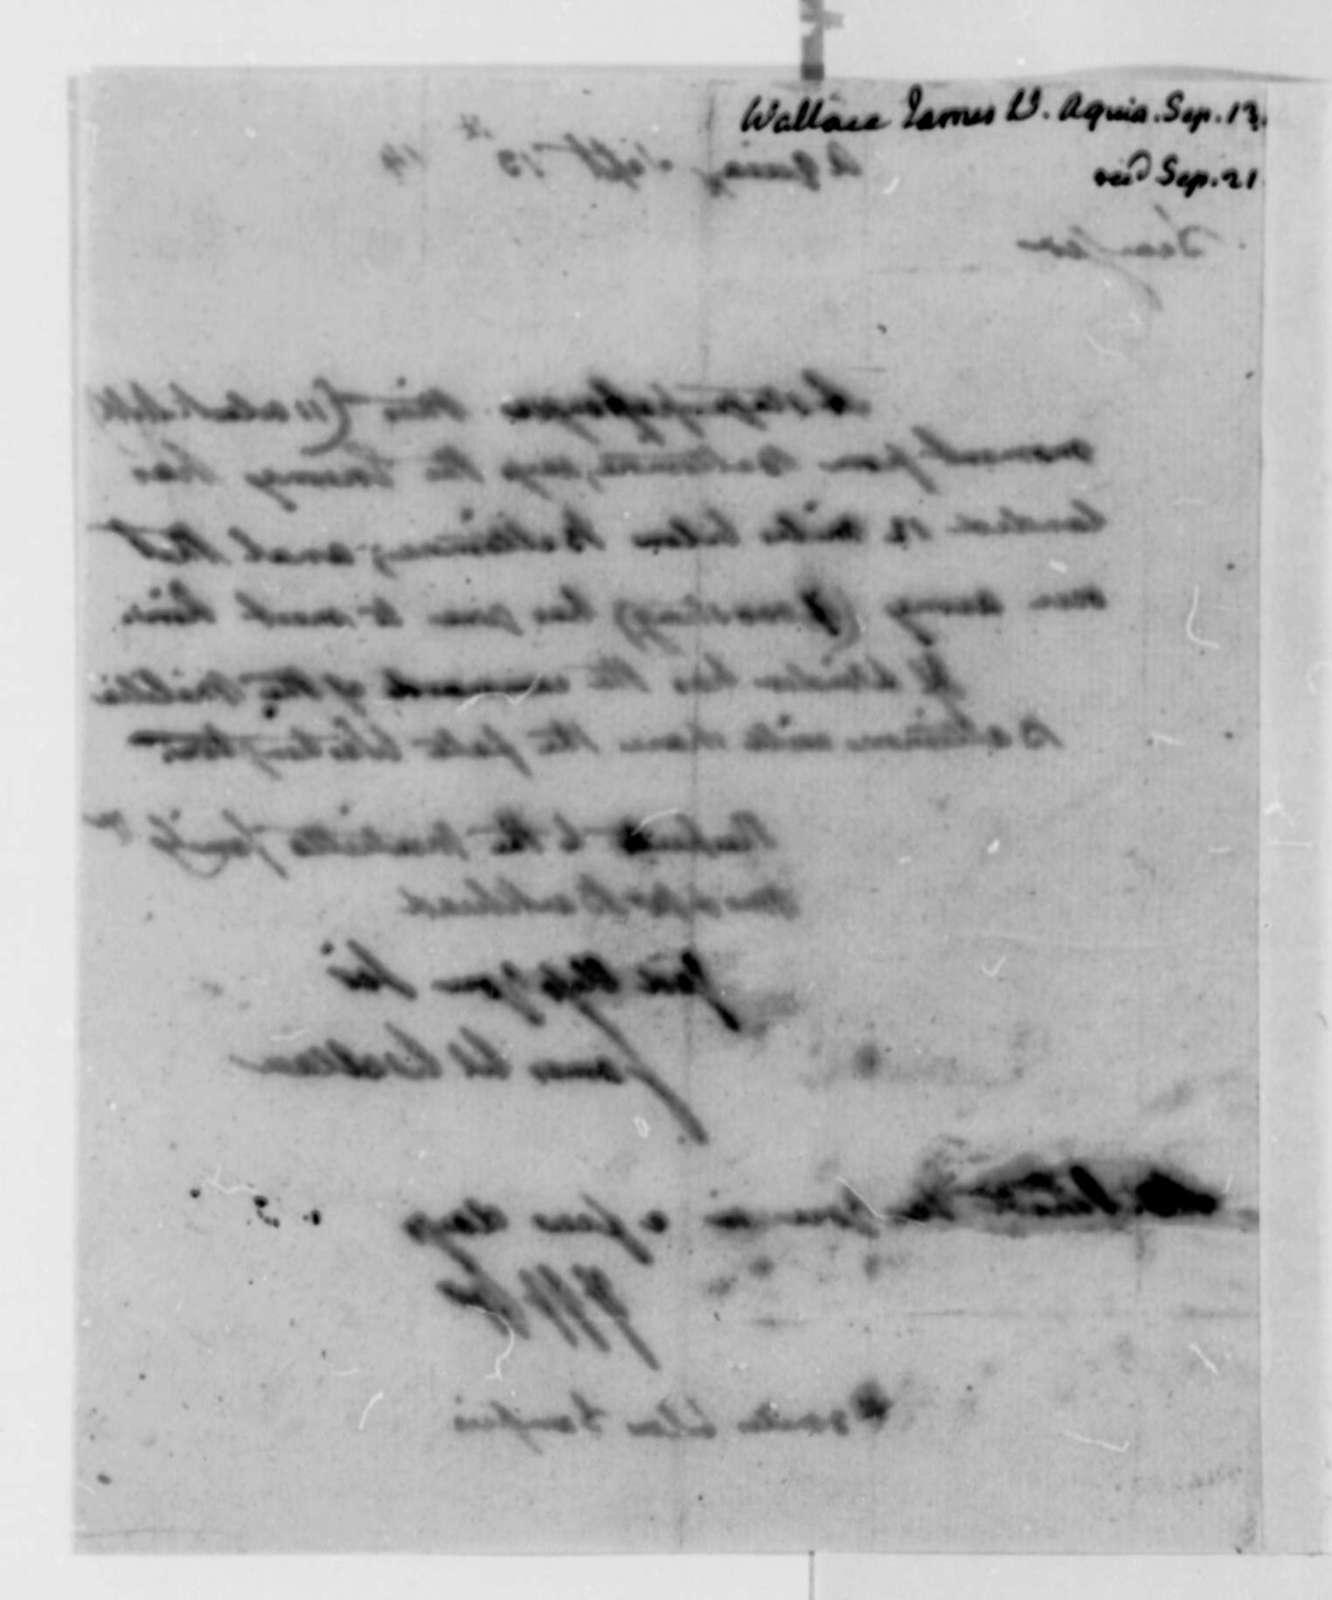 James W. Wallace to Thomas Jefferson, September 13, 1814